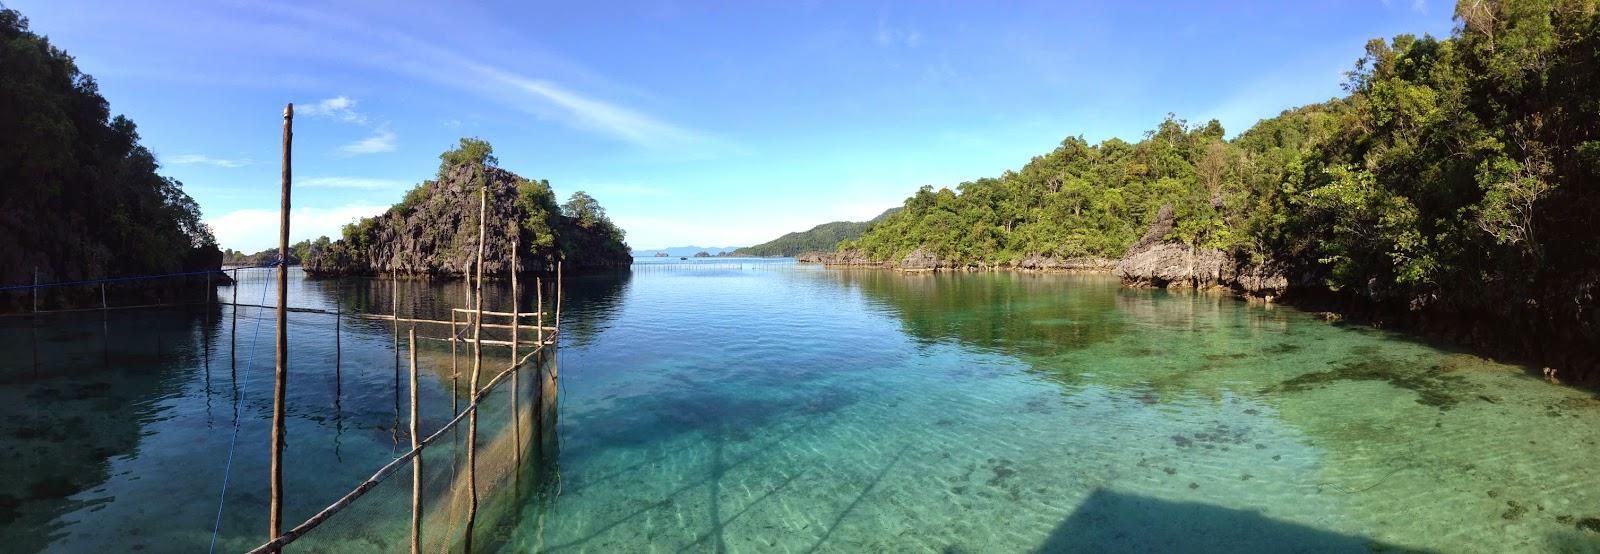 Pulau Labengki Sulawesi Tenggara